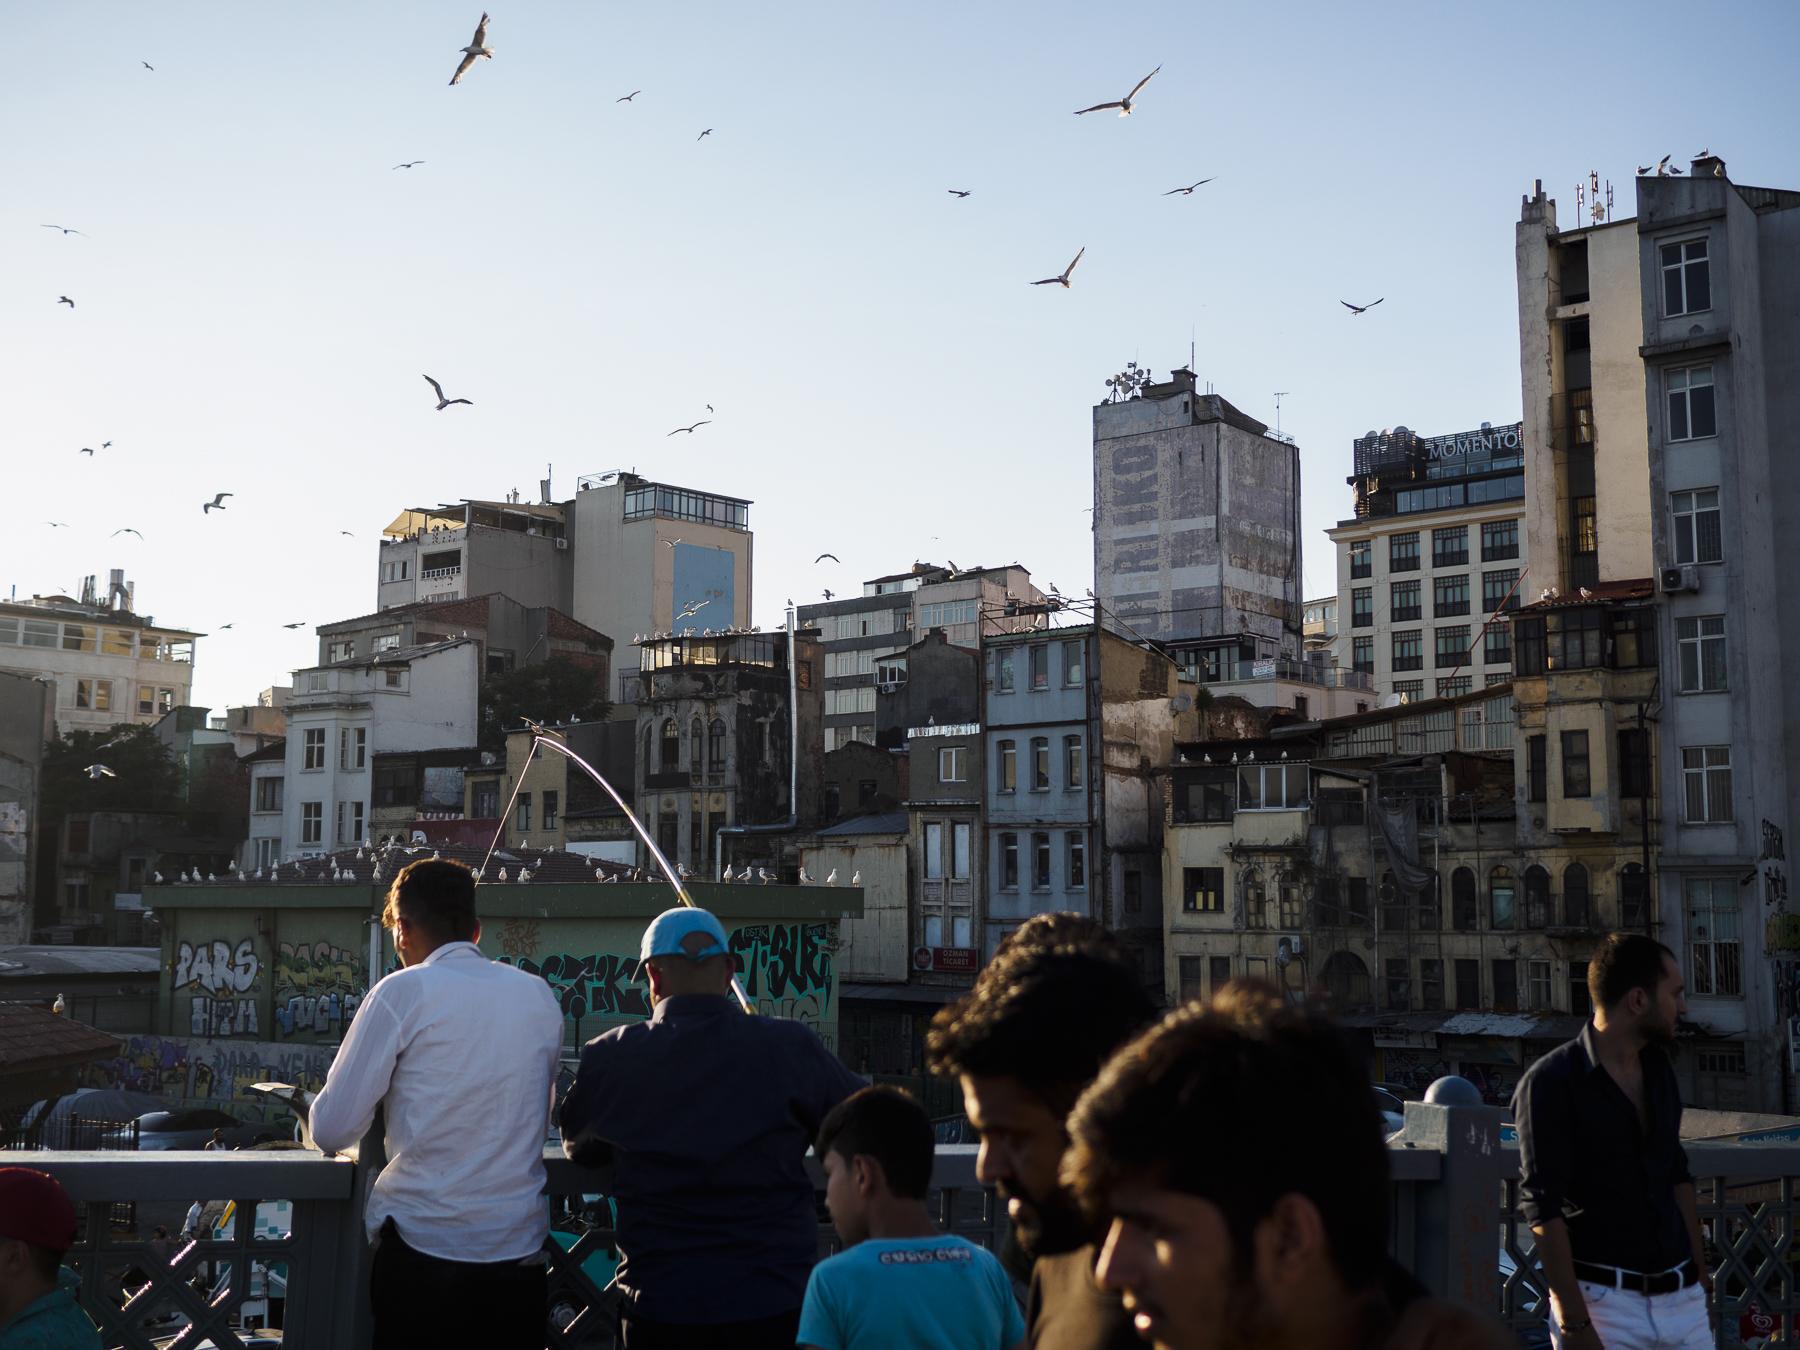 Puente sobre el cuerno de oro, Estambul.